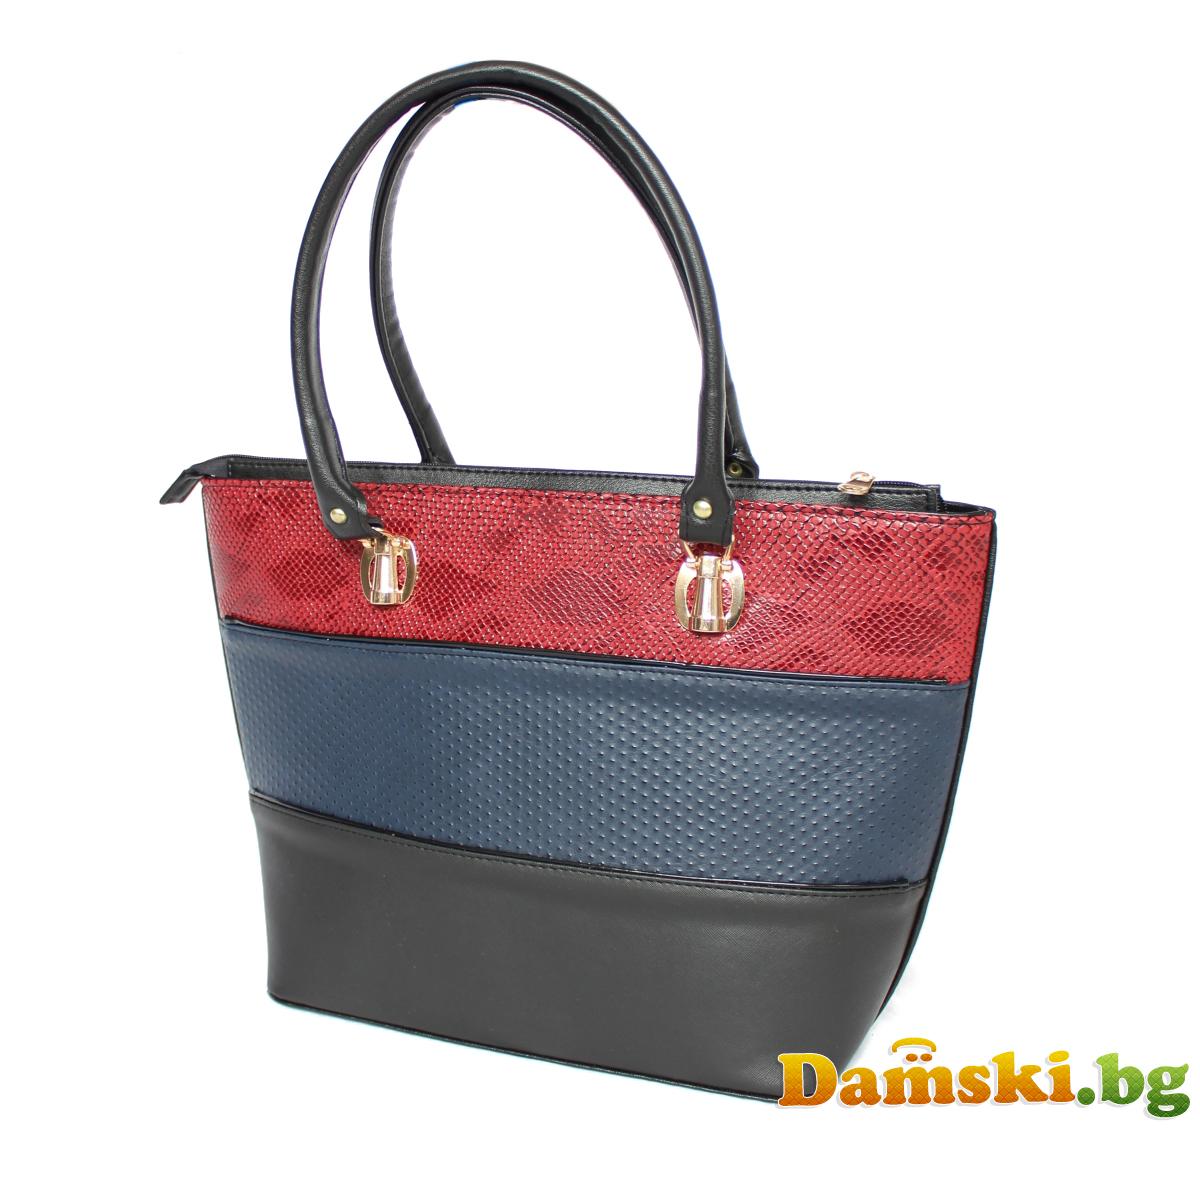 Стилни дамски чанти - Дени Снимка 2 от 2